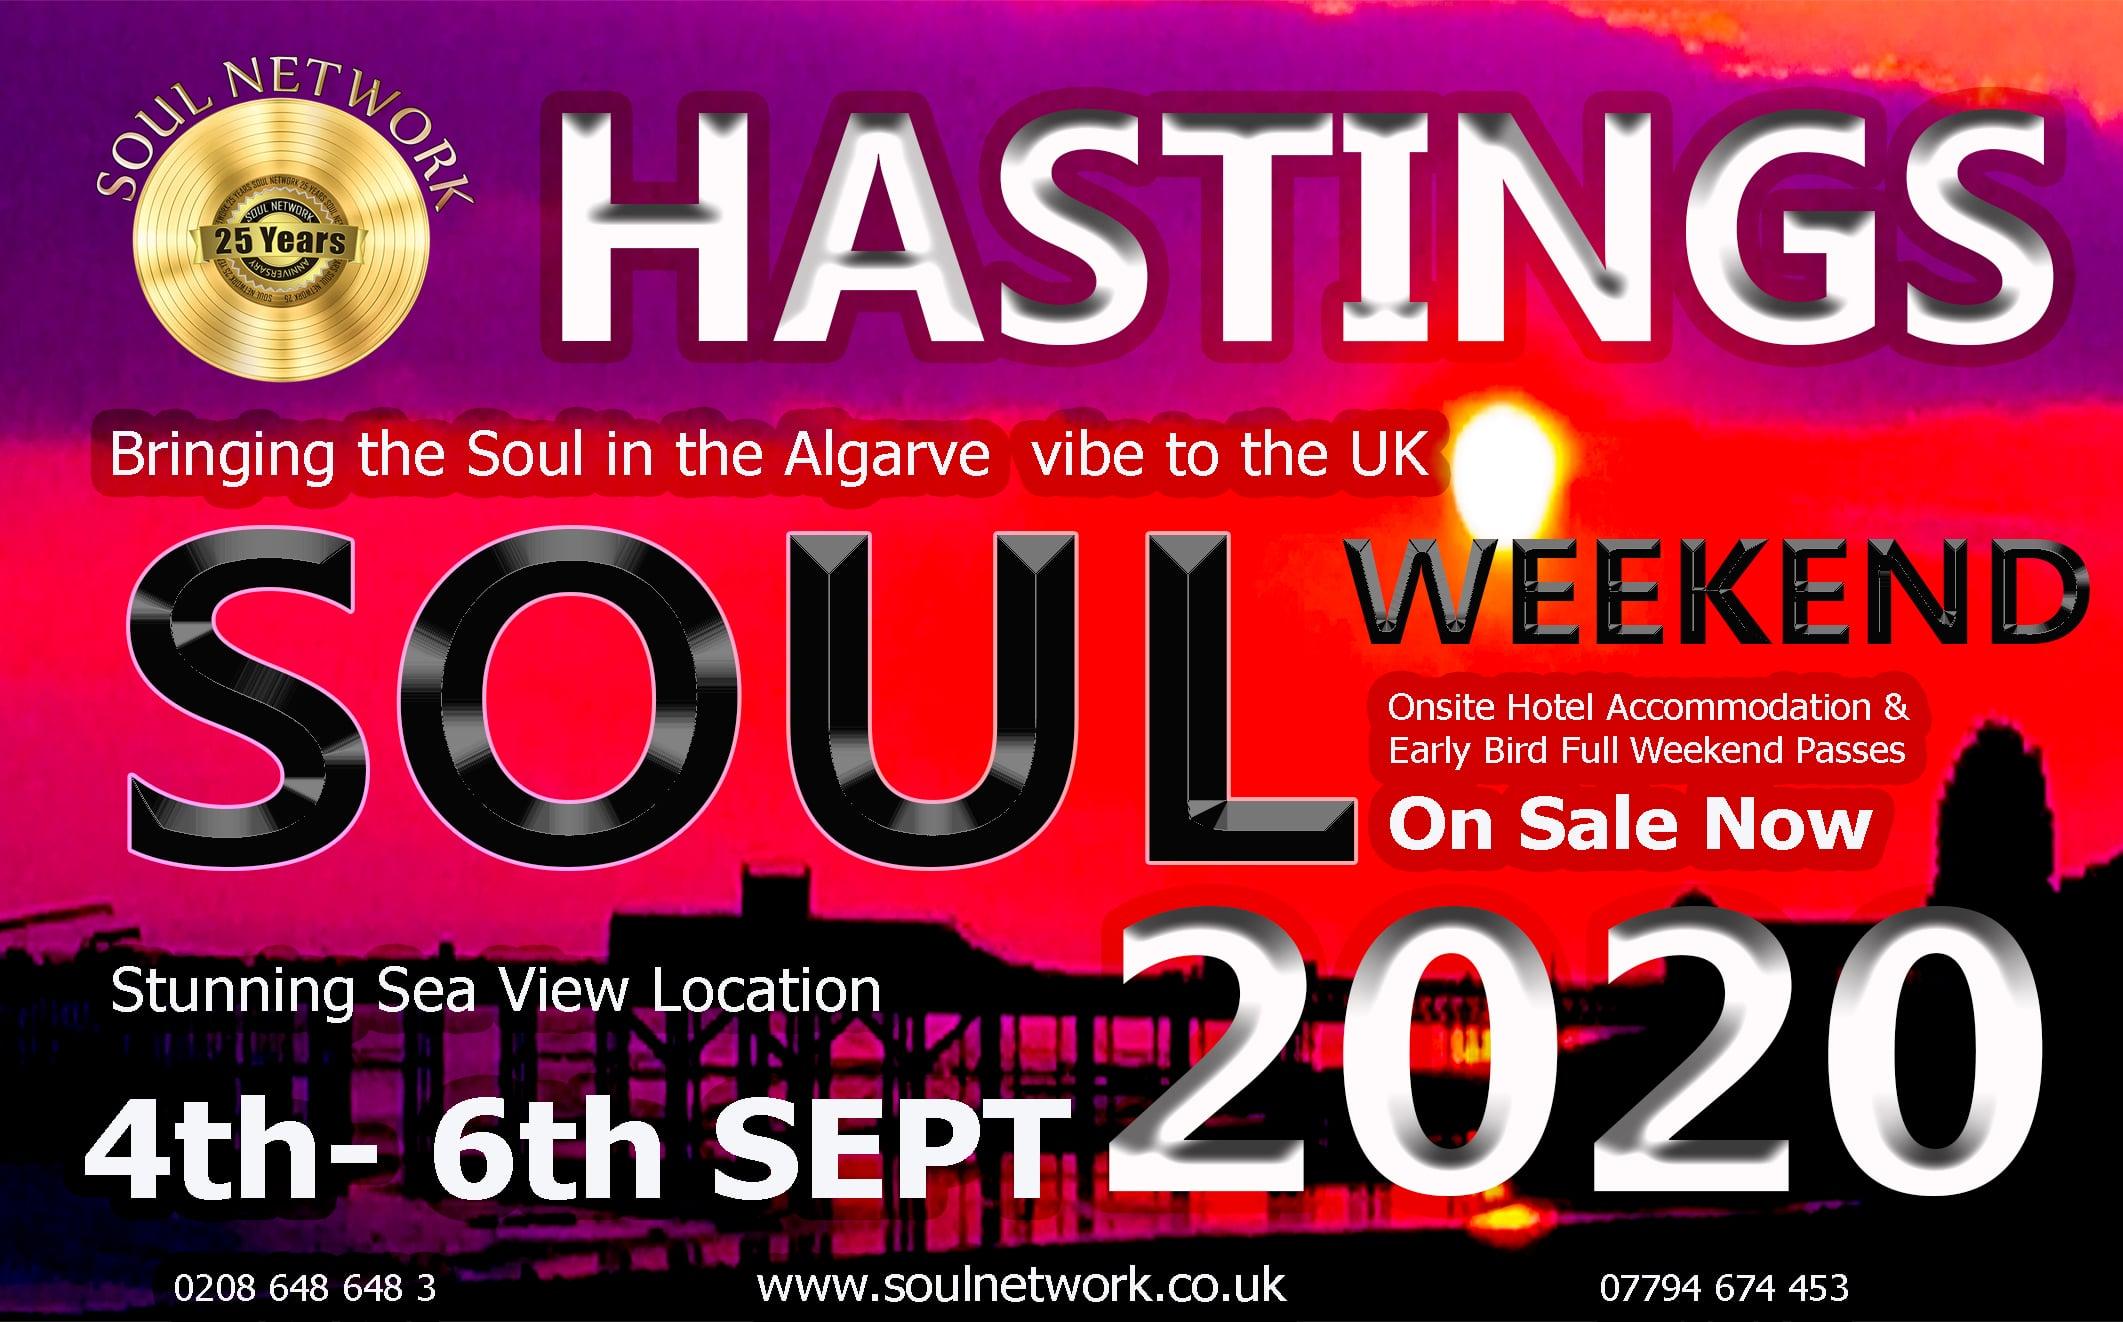 HASTINGS flyer 1 Soul Network Soul Weekender 2020